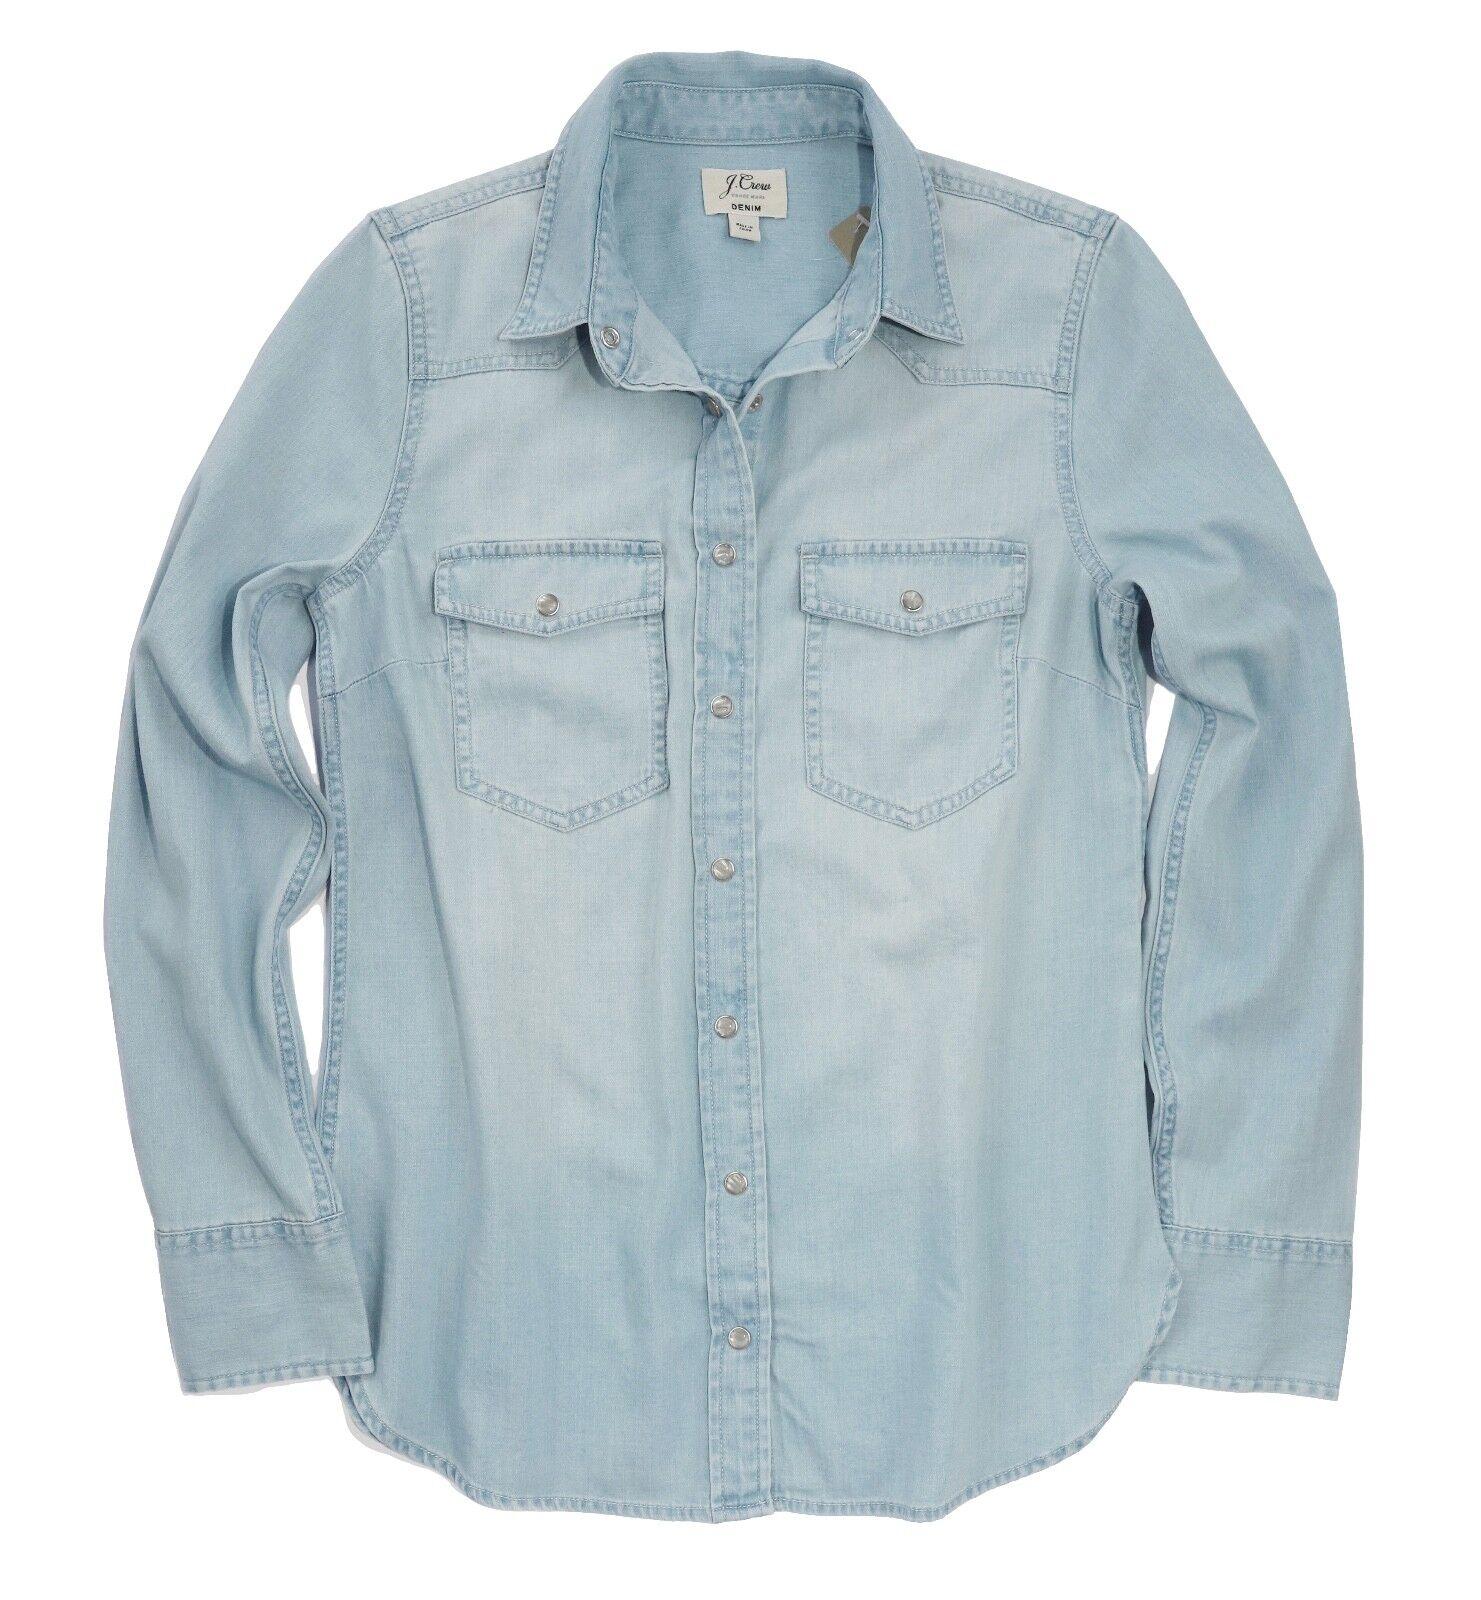 J.Crew Damen 10 - Nwt - Verblichen Blaue Perle Druckknopf Denim Western Hemd